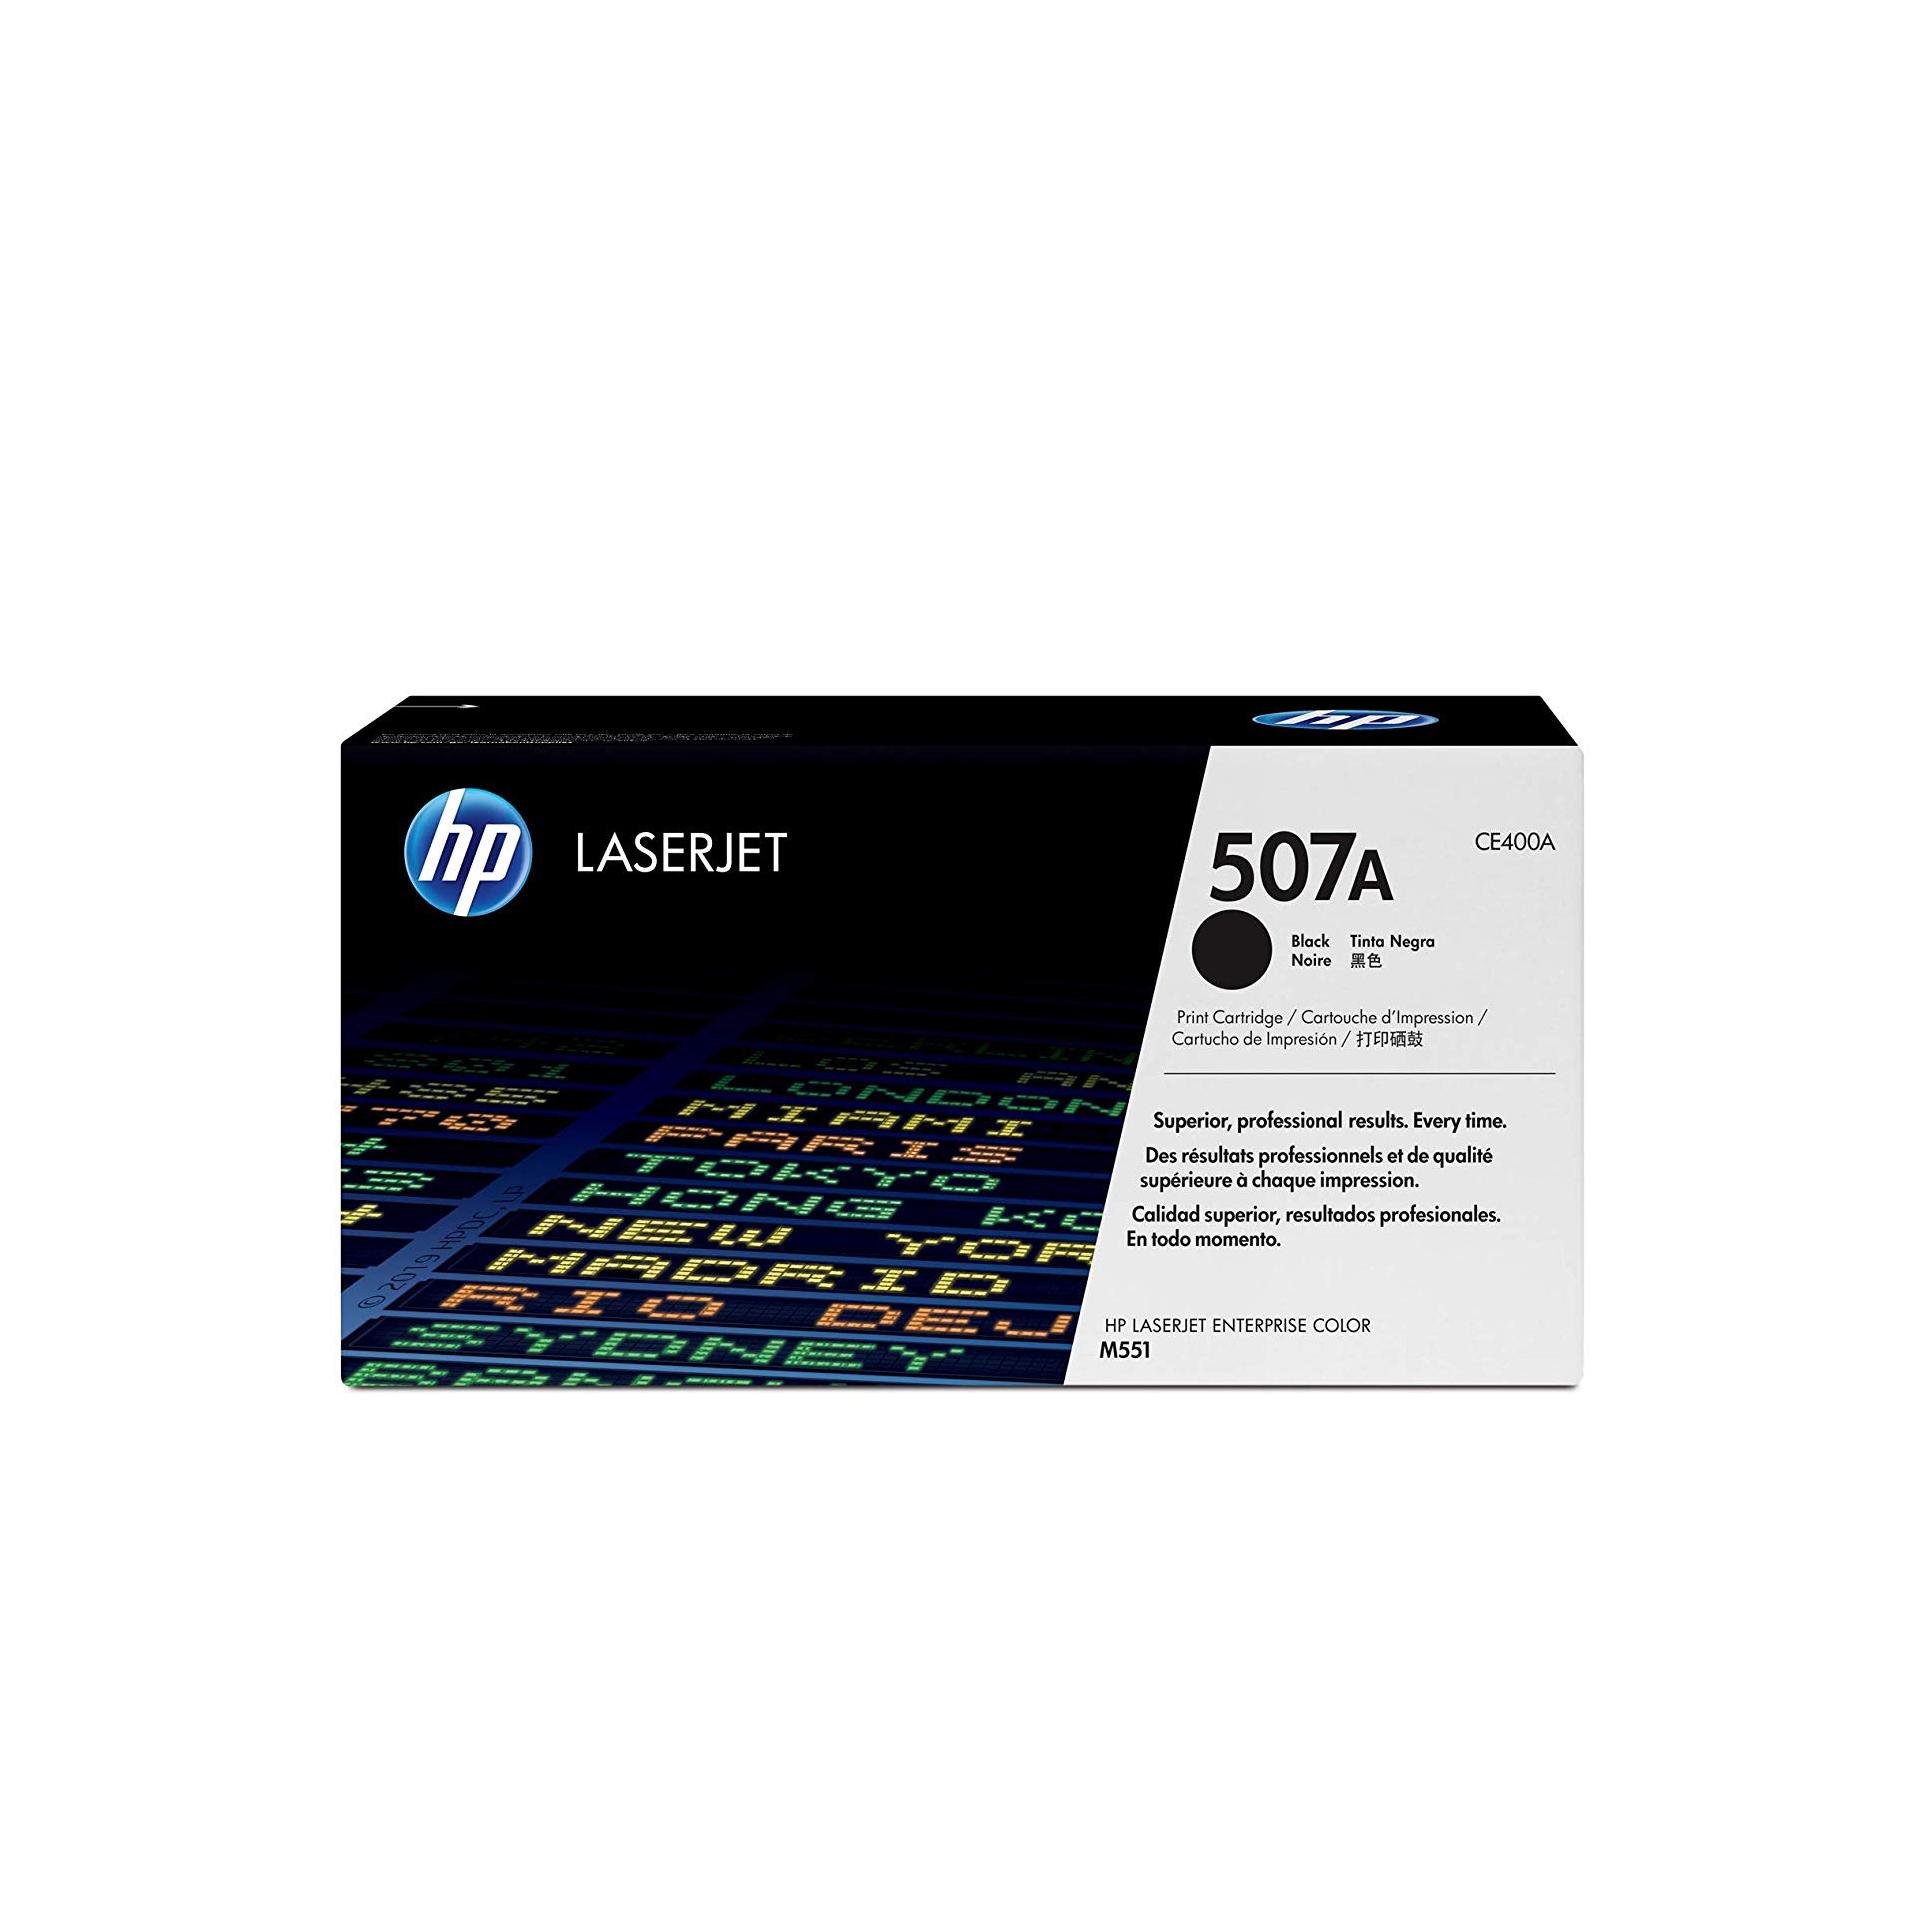 Лазерный картридж 507A CE400A